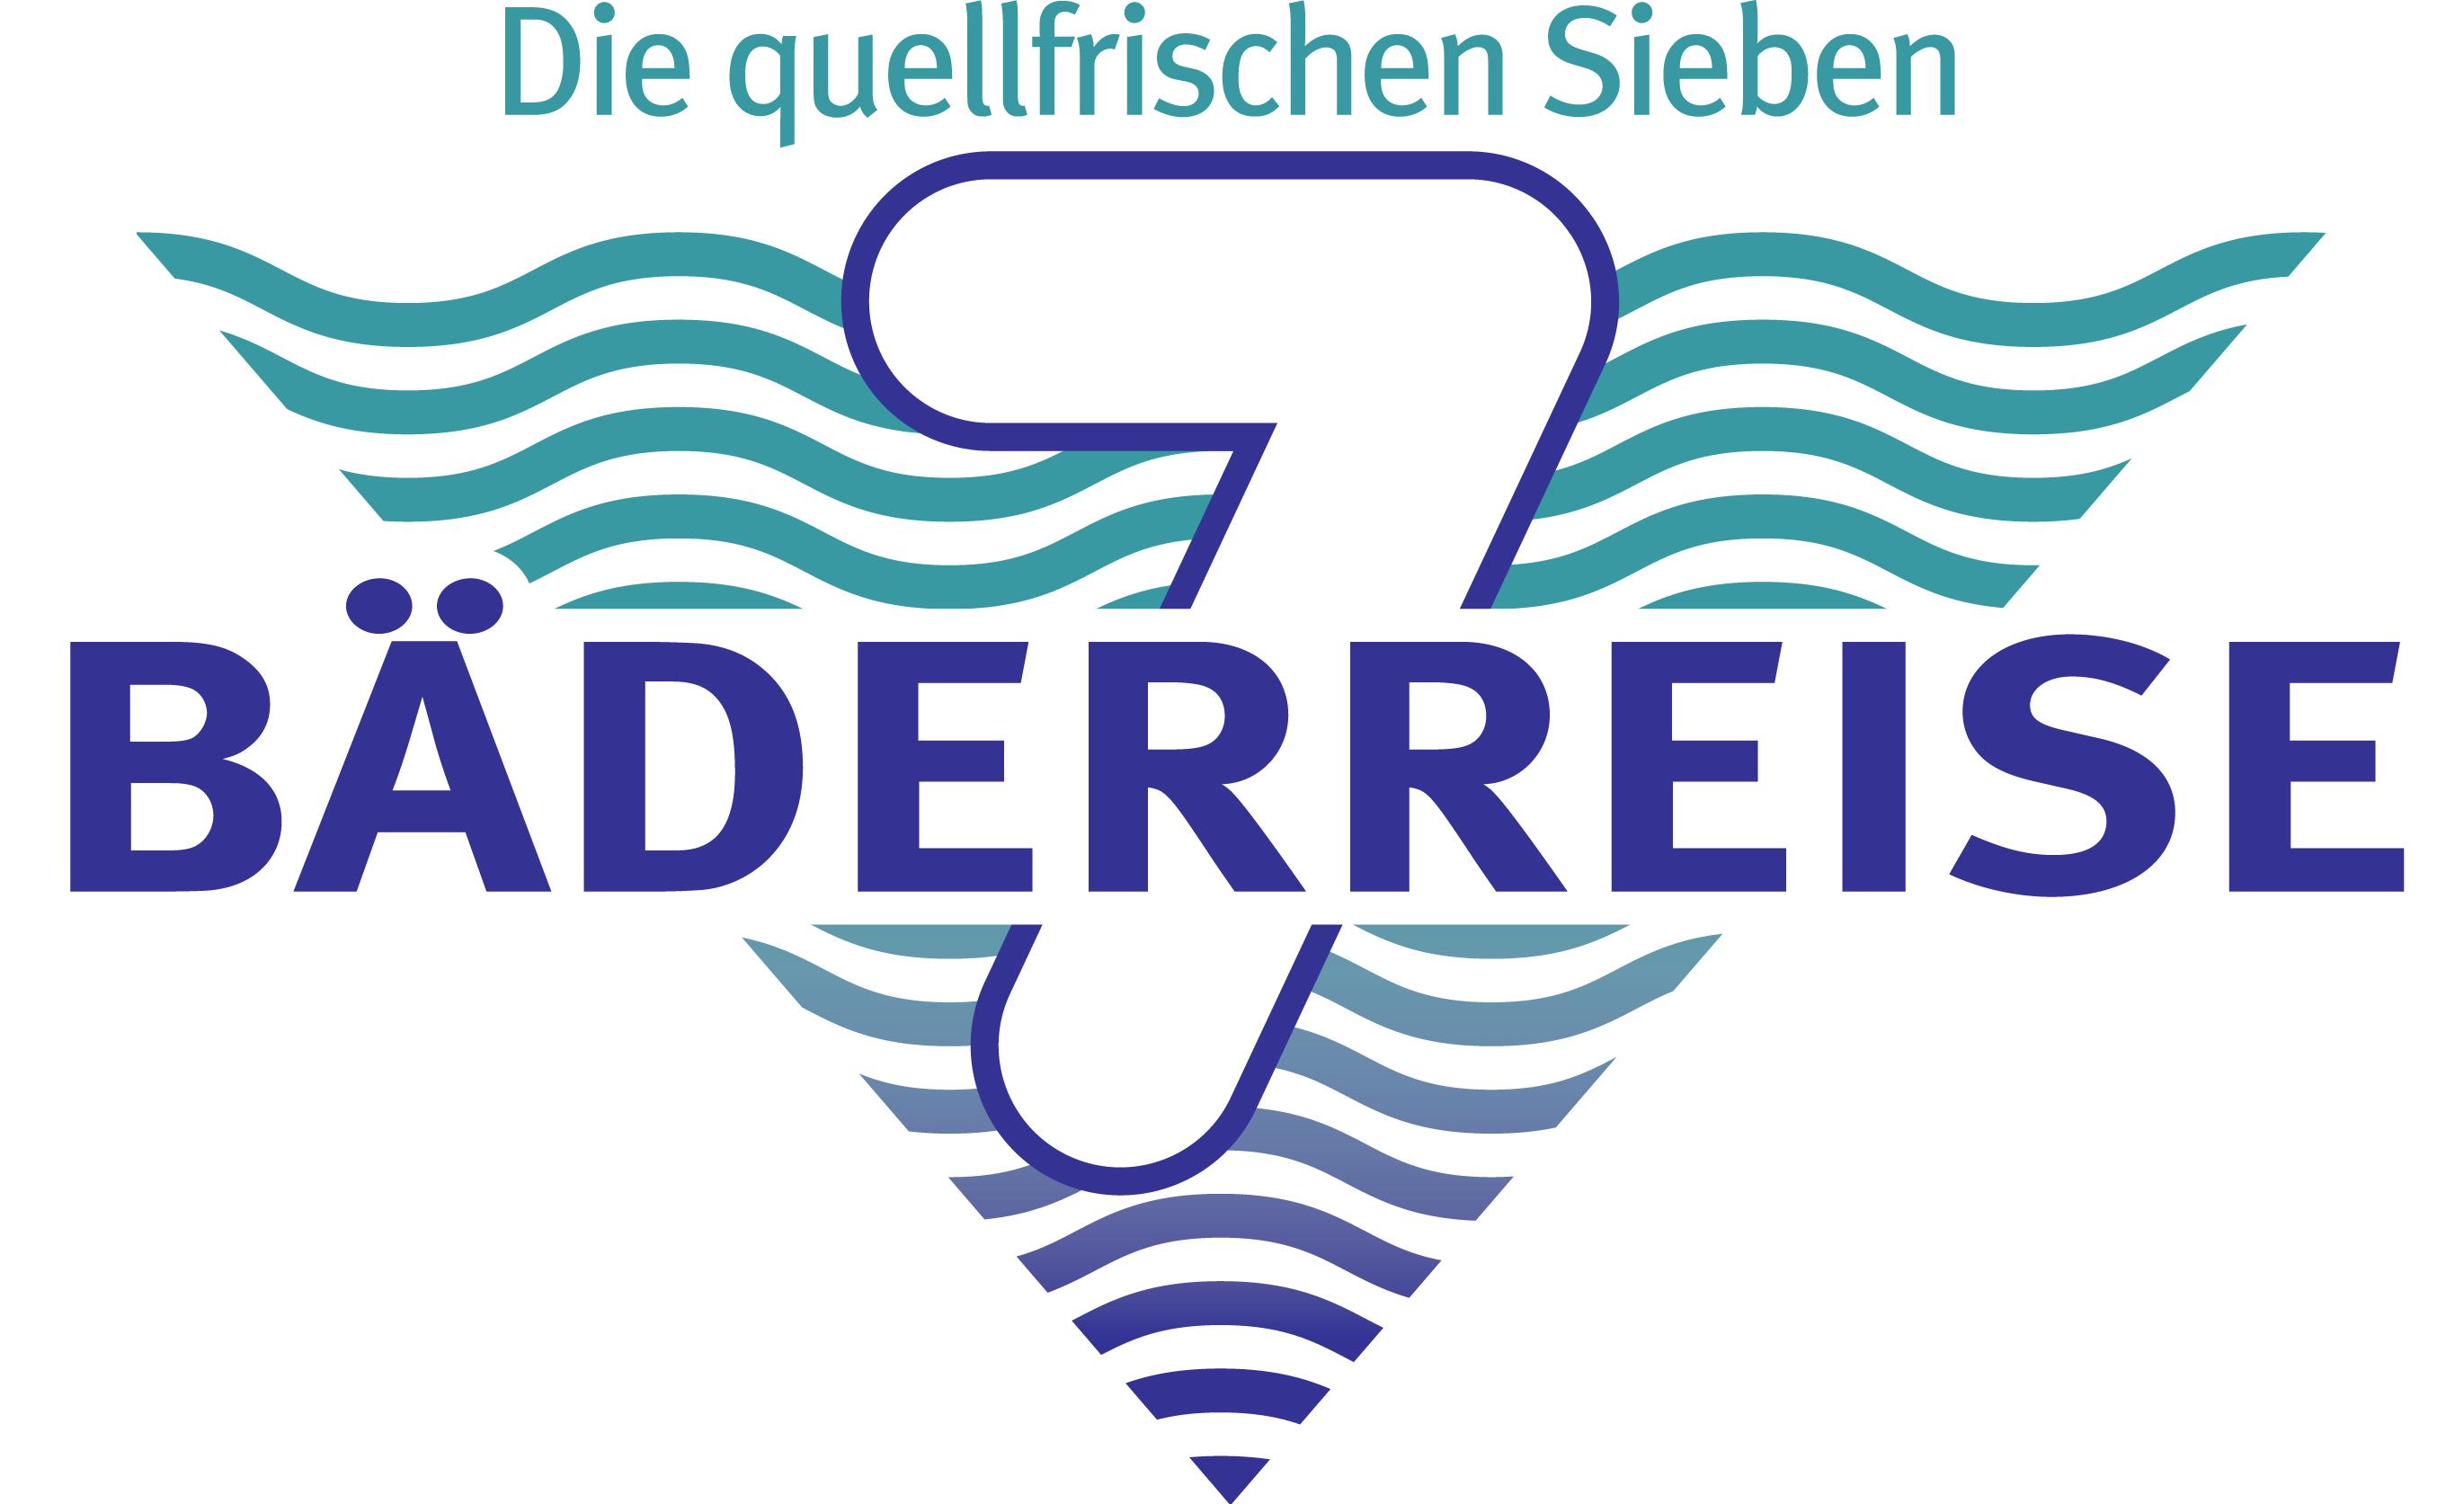 Das Logo der Bäderreise